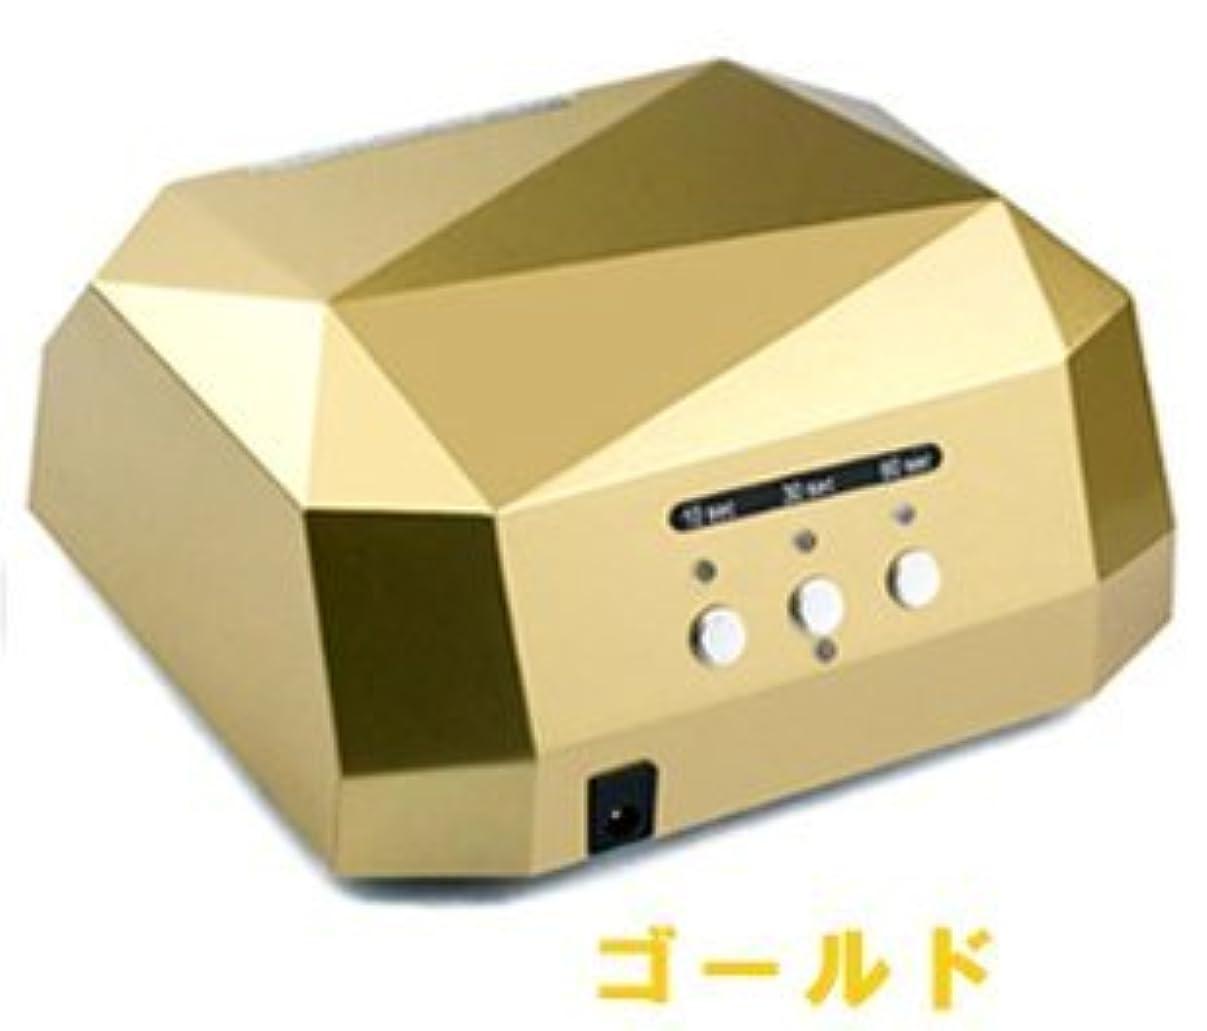 甘やかす訴える正規化LED&CCFLダブル搭載 36Wハイパワーライト/ダイヤモンド型/タイマー付き!/自動感知センサー付き!【全4色】 (ゴールド)